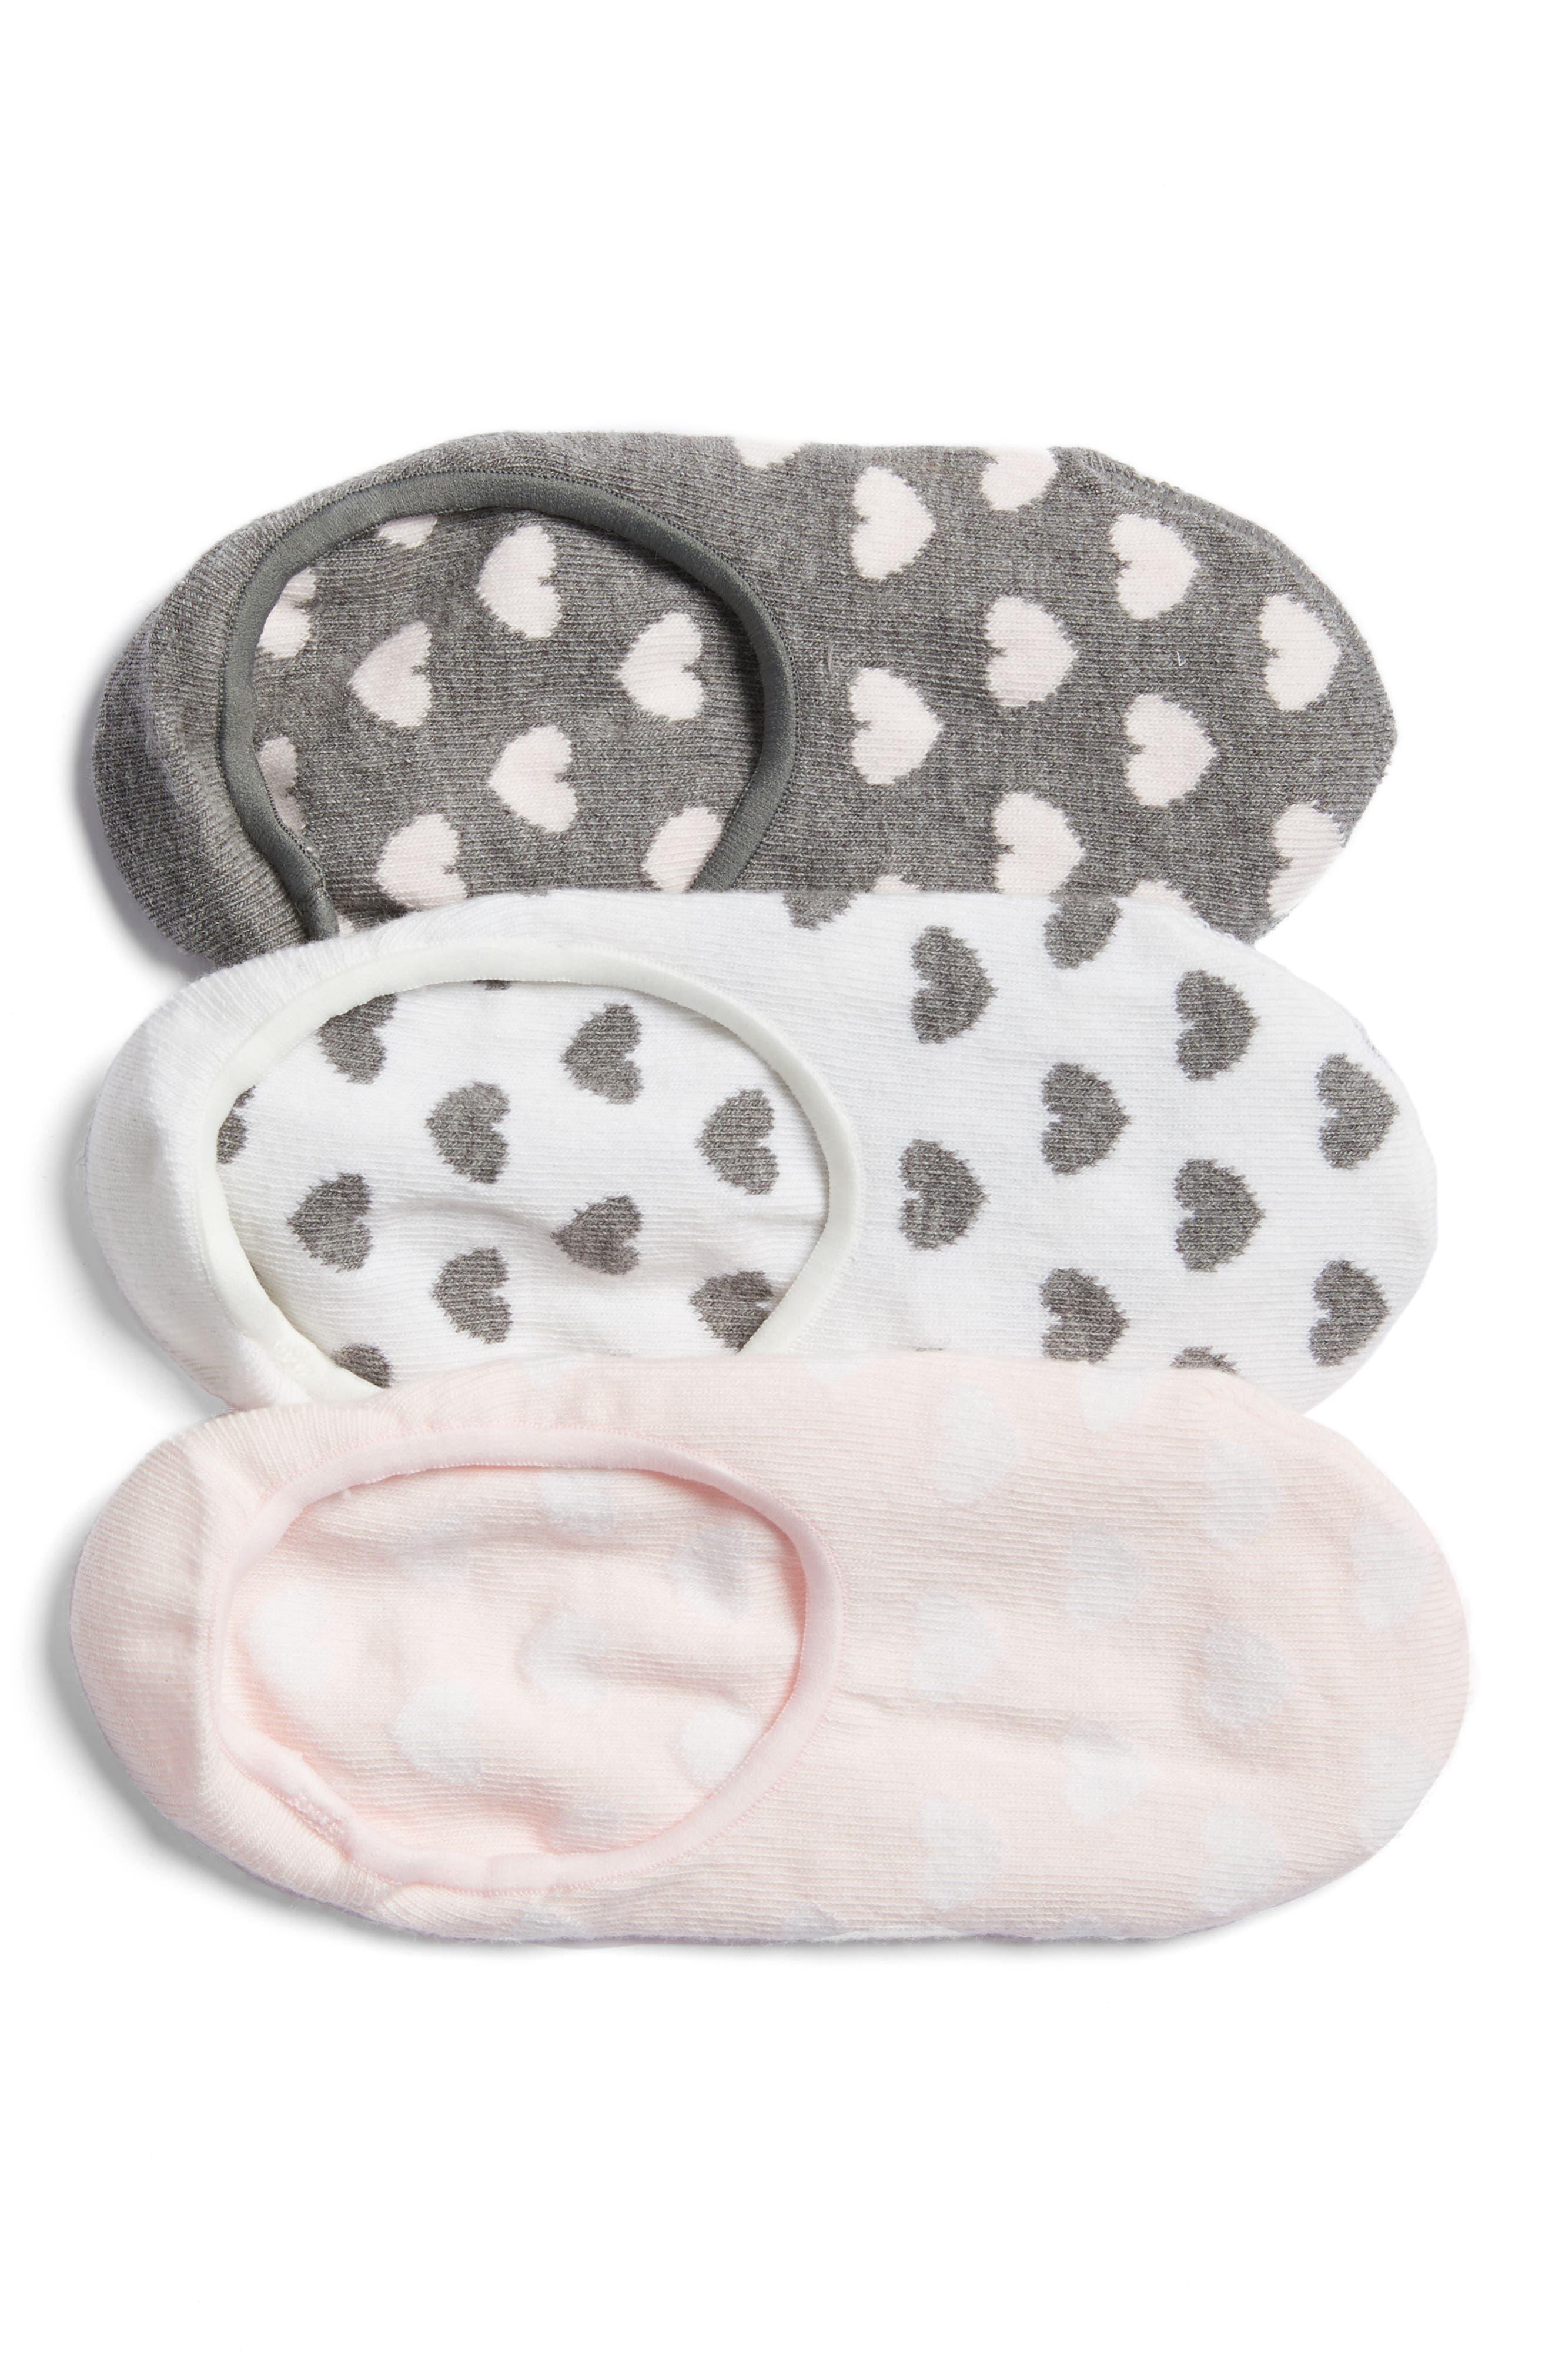 Alternate Image 1 Selected - Nordstrom 3-Pack No-Show Liner Socks